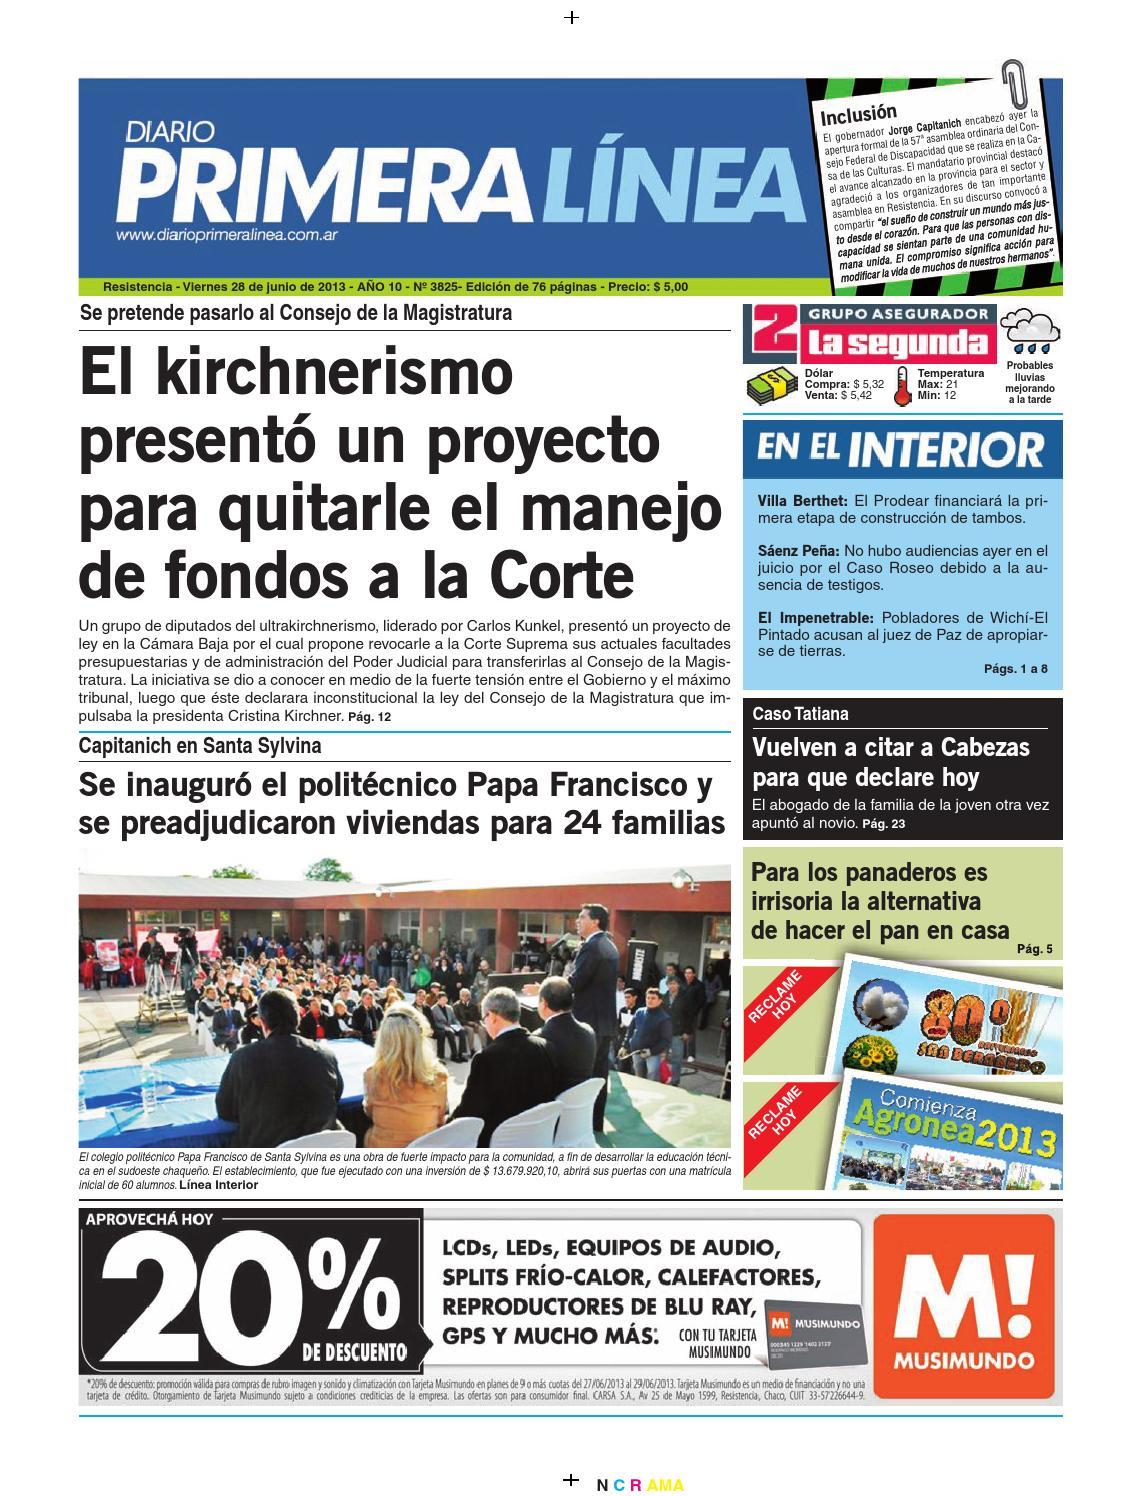 Primera linea 3825 28 06 13 by Diario Primera Linea - issuu